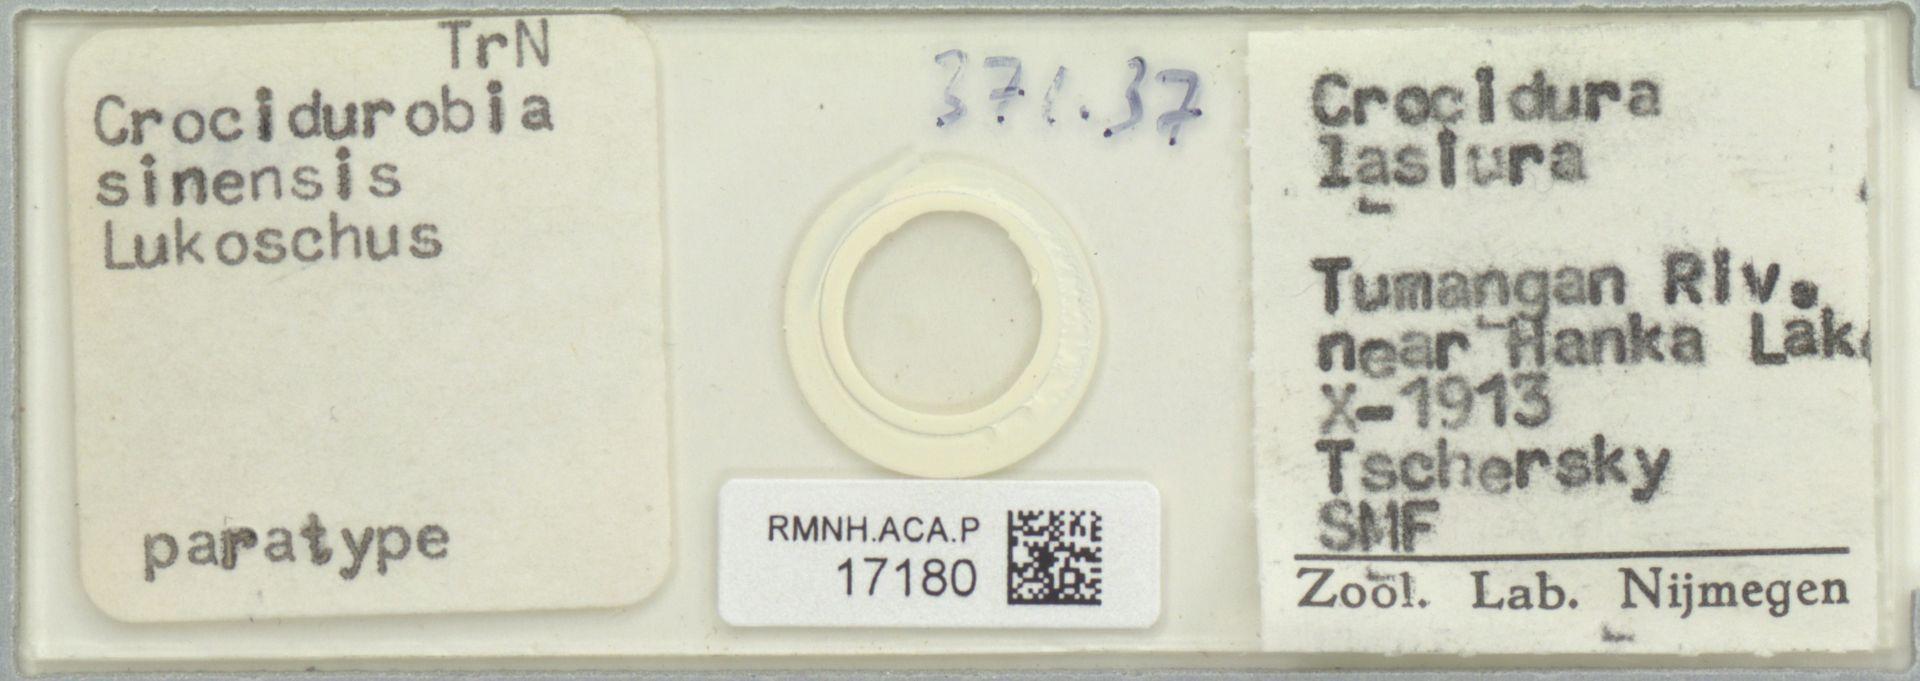 RMNH.ACA.P.17180 | Crocidurobia sinensis